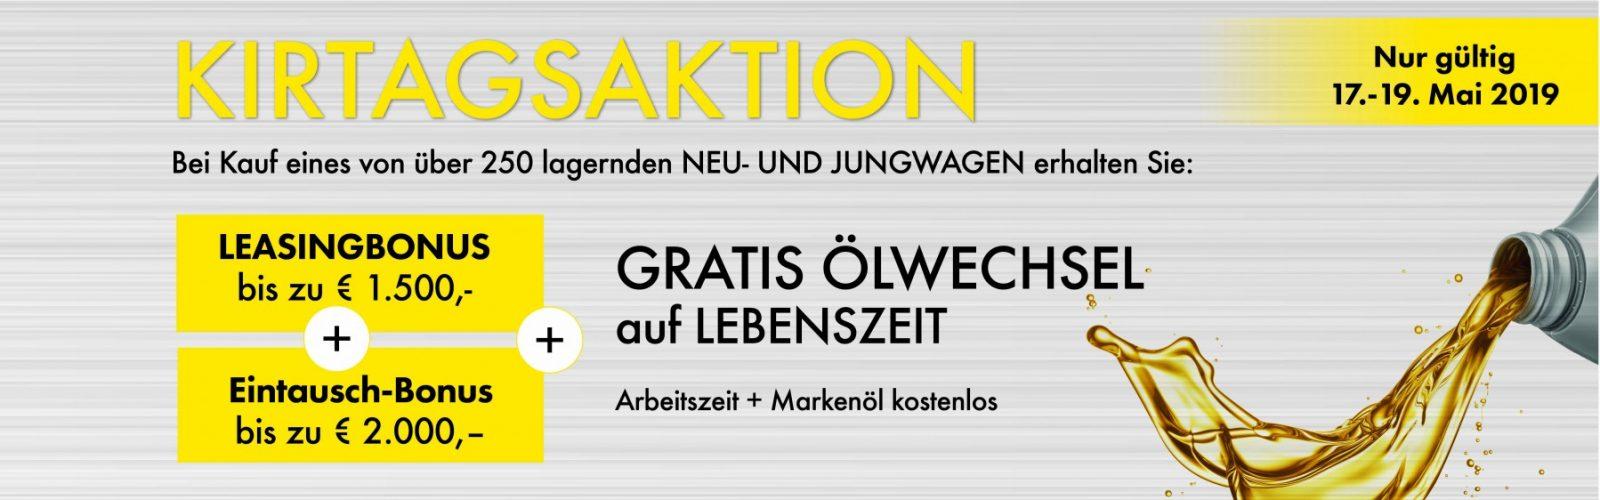 Kirtagsaktion bei HWS || Ing. Günther Baschinger GmbH in